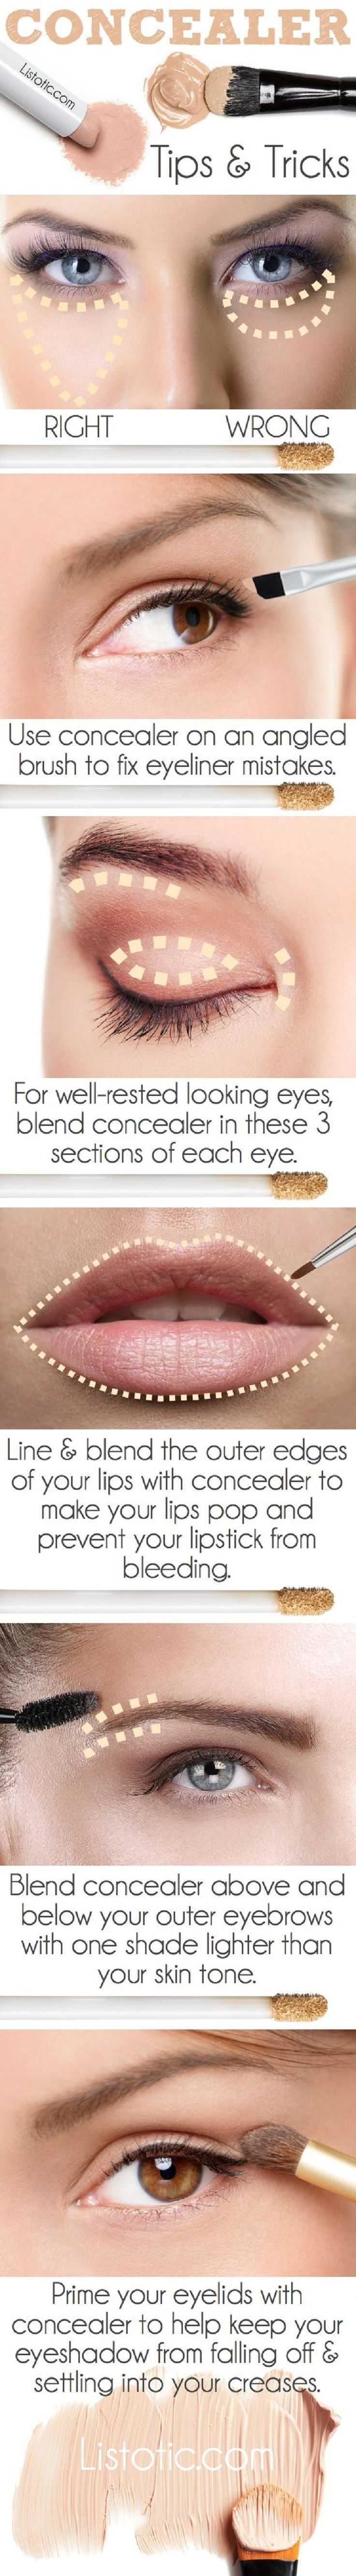 Concealer Tips & Tricks